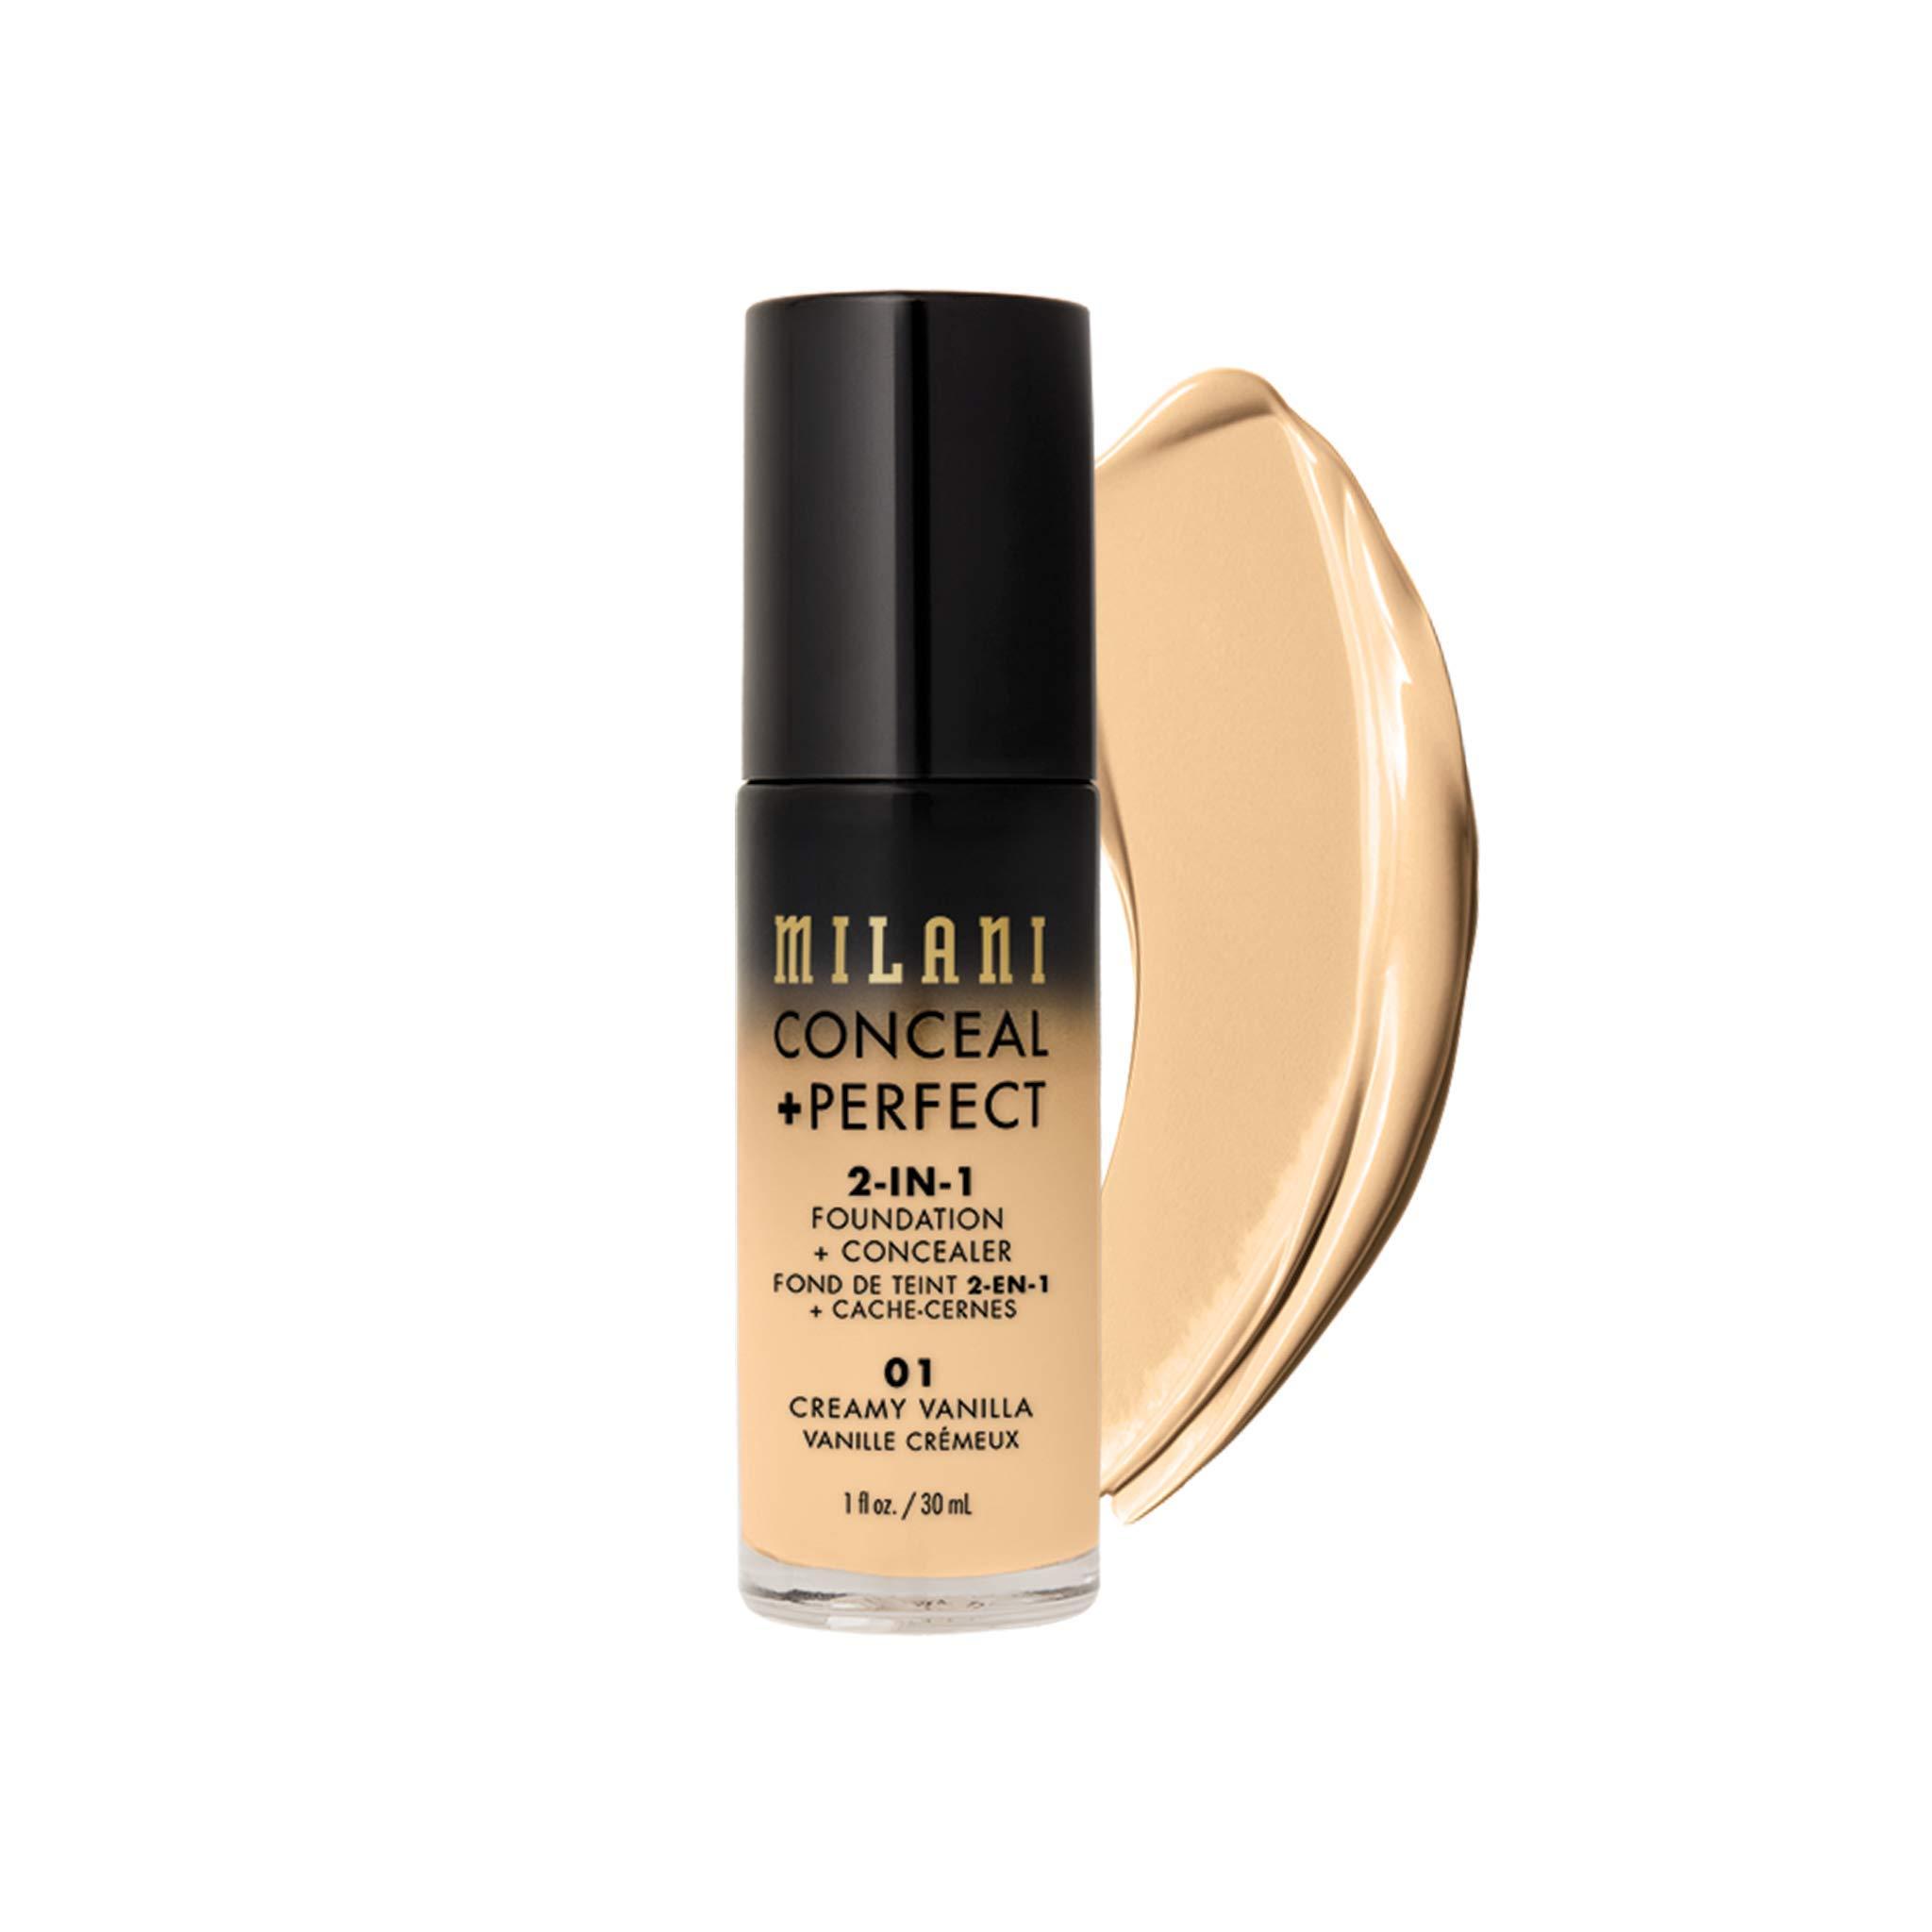 MILANI Conceal + Perfect 2 in 1 Foundation + Concealer Creamy Vanilla